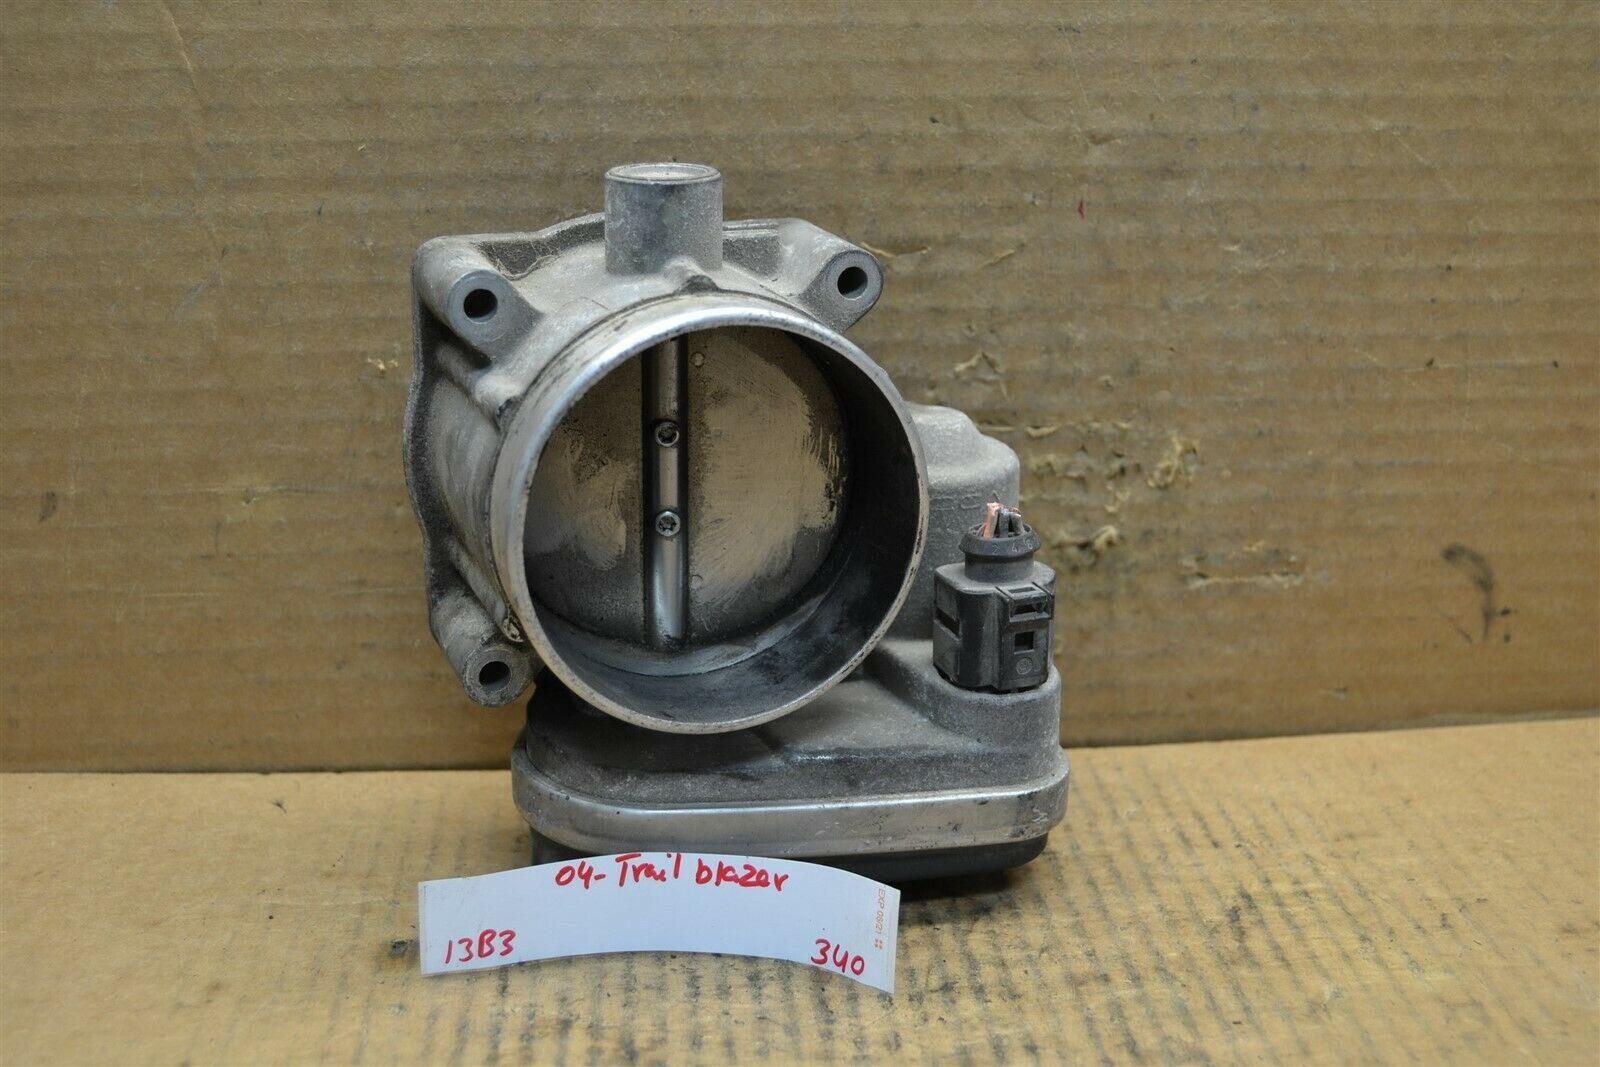 2004 Chevrolet Trail Blazer Throttle Body OEM 5718201 Assembly 340-13b3 - $24.99